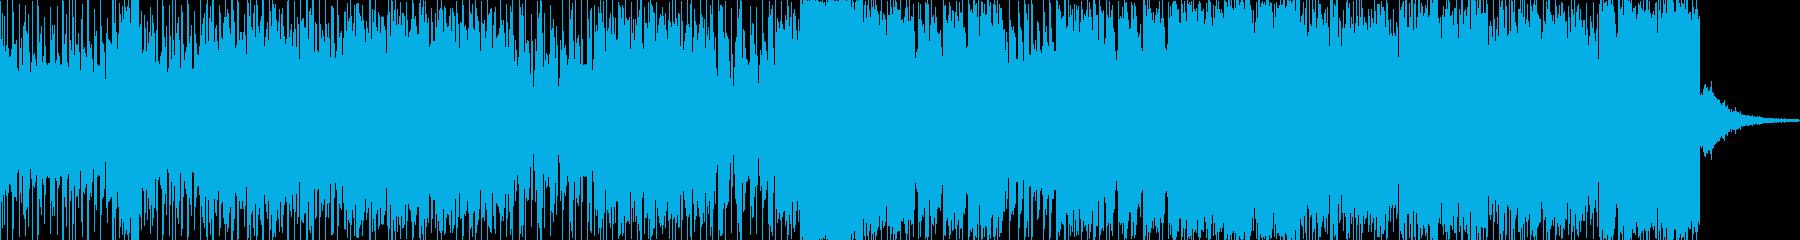 激しいエレクトロダンスミュージックの再生済みの波形